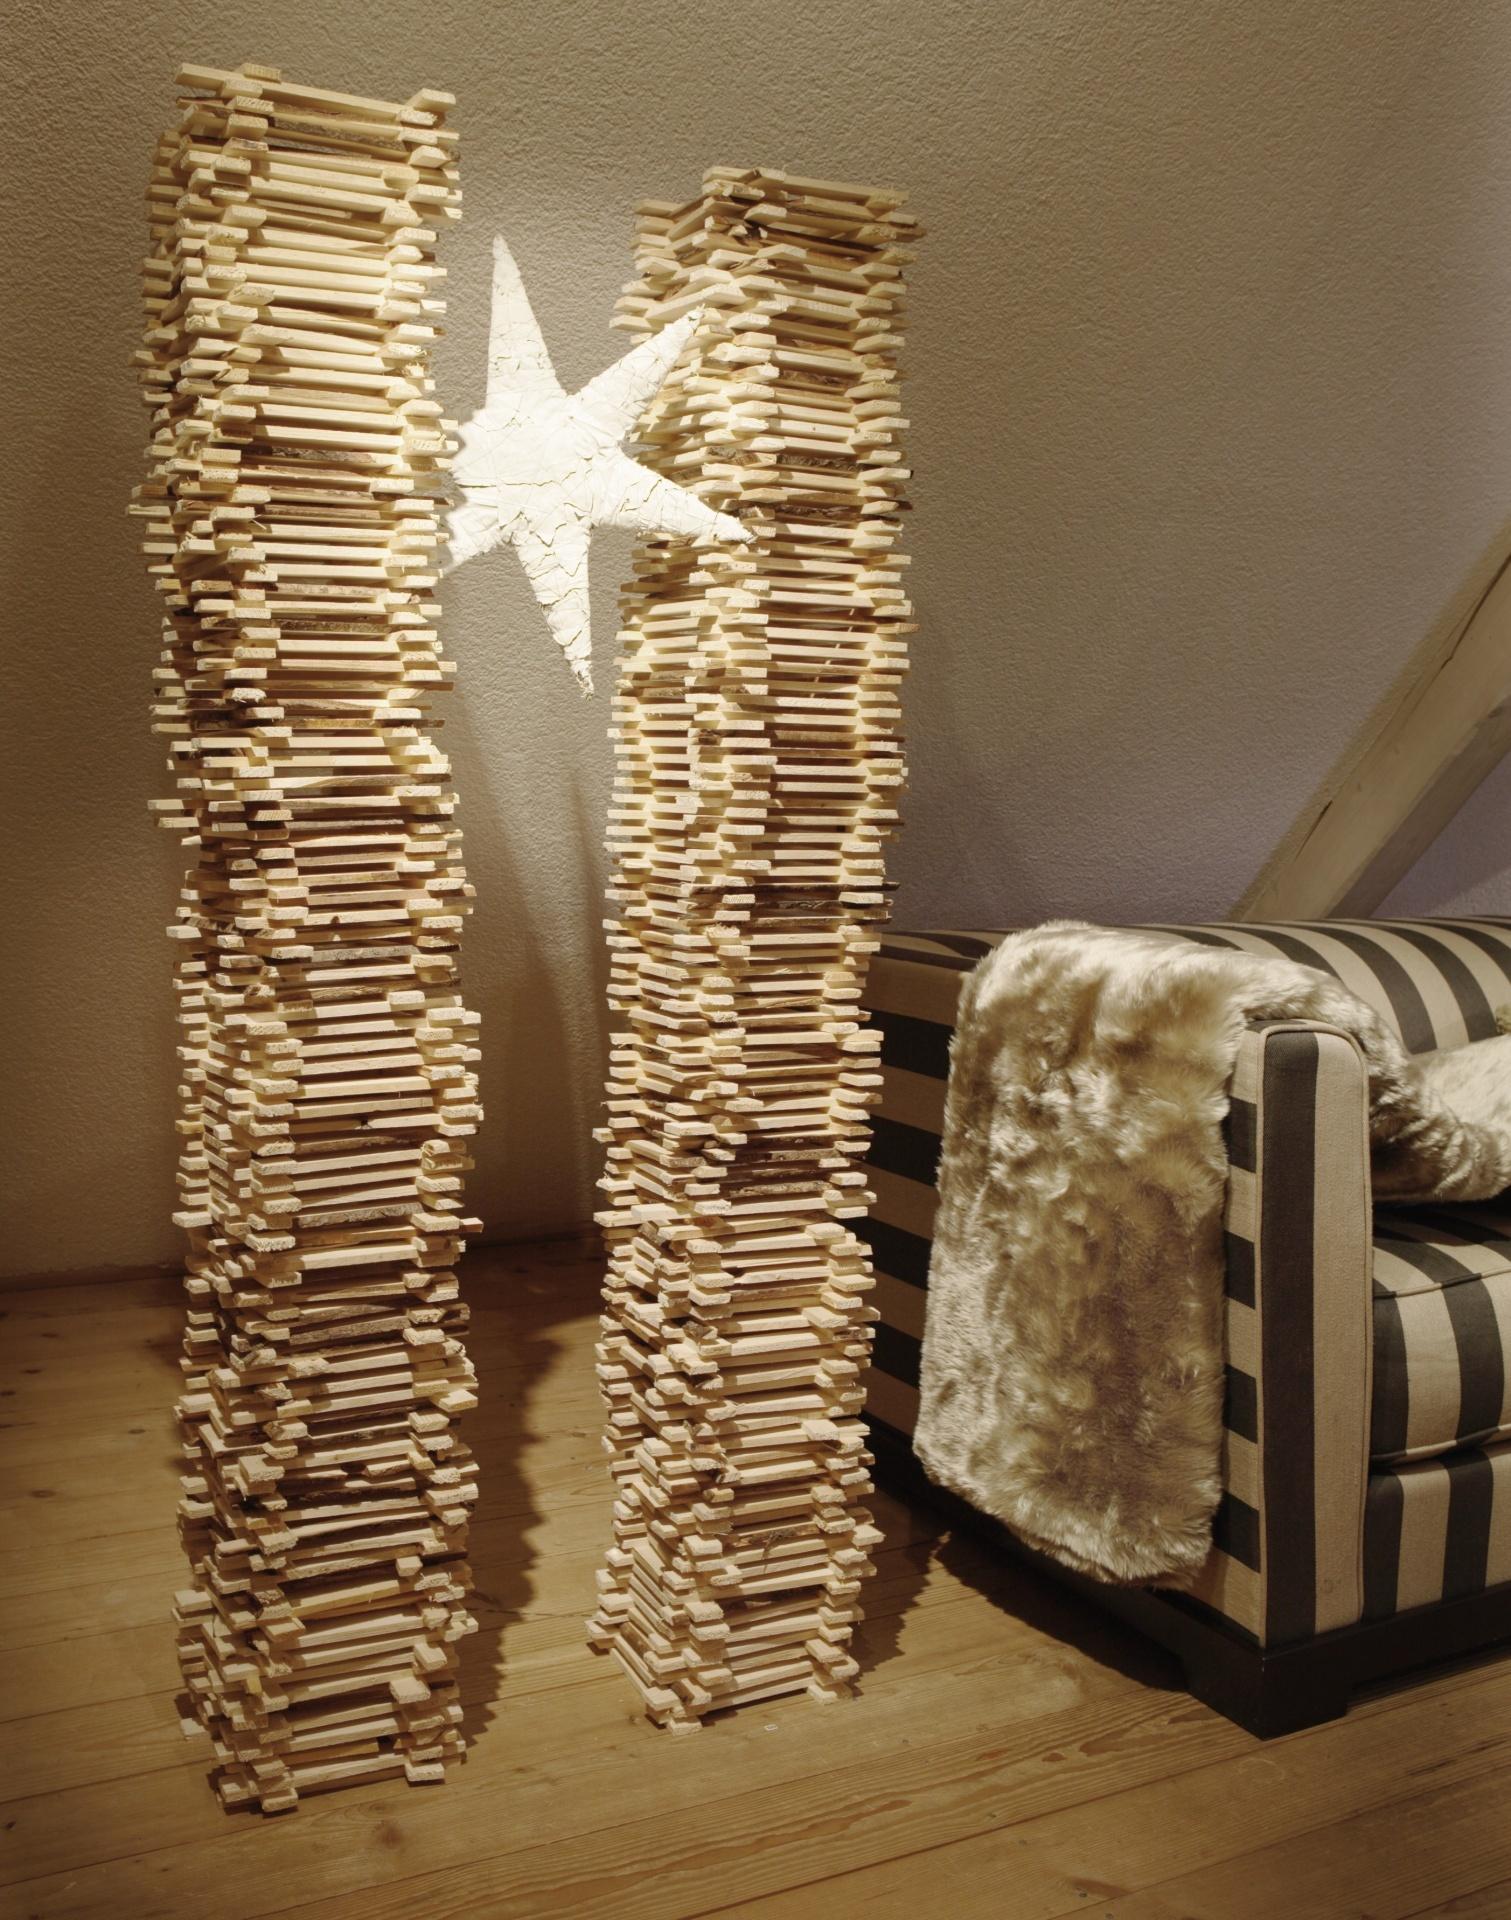 Blockhafte Objekte unterstreichen puristischen Wohnstil